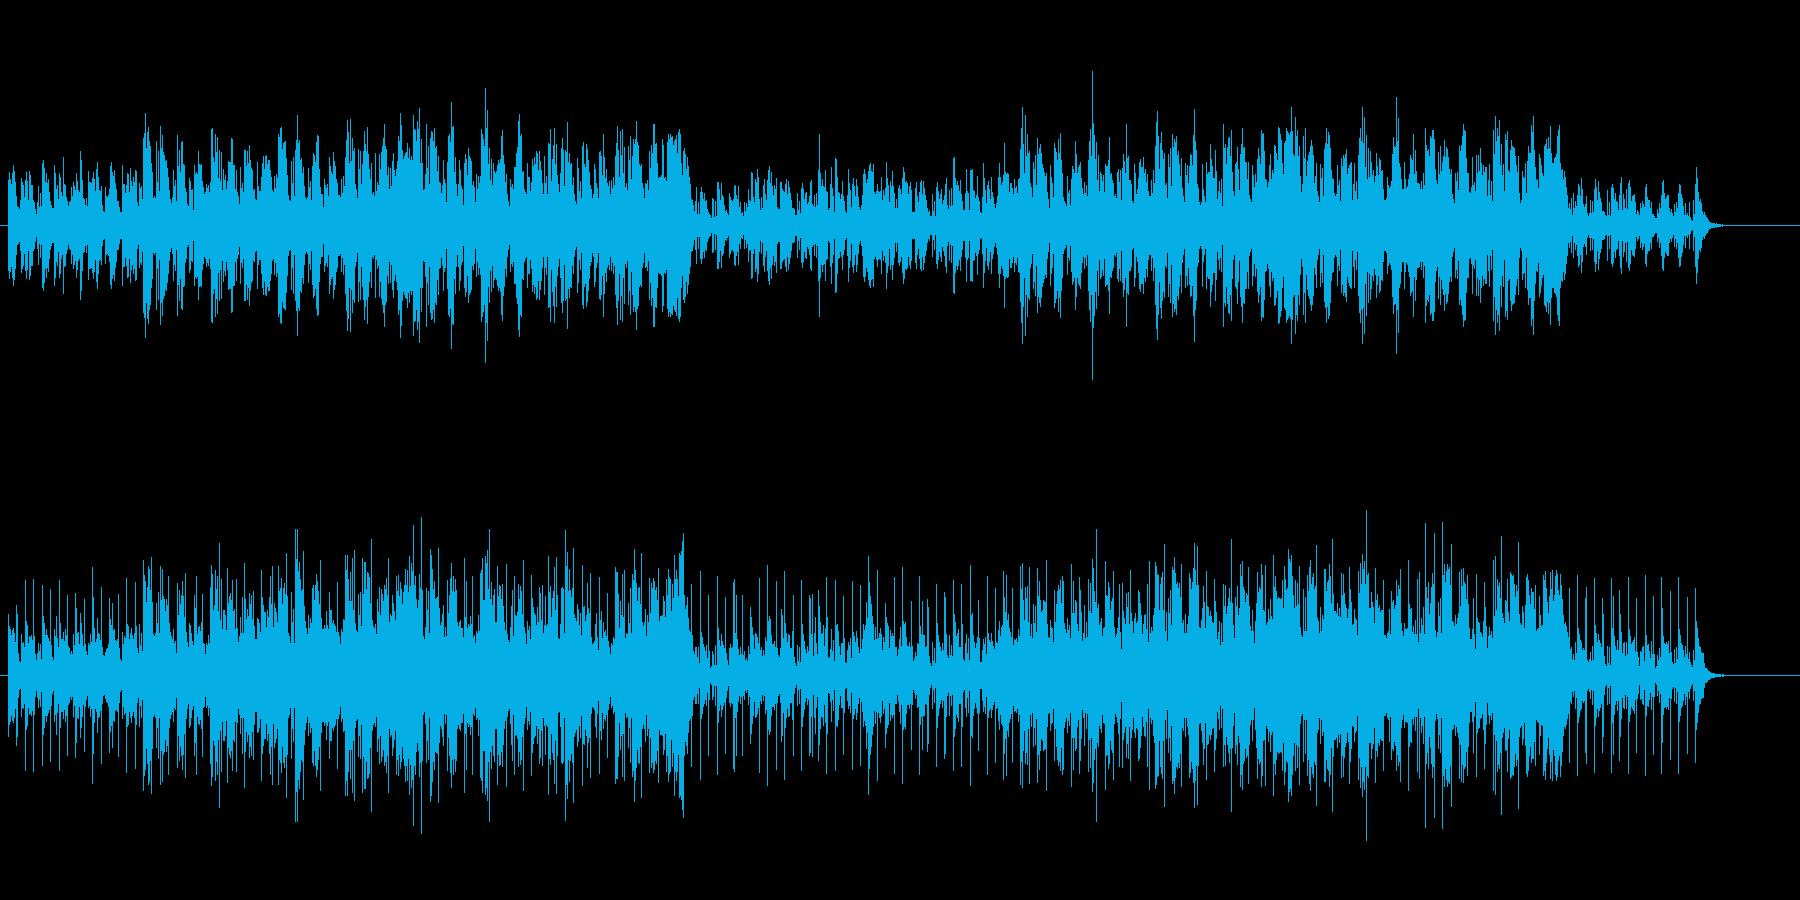 サヴァンナにトリップする民族音楽風の再生済みの波形